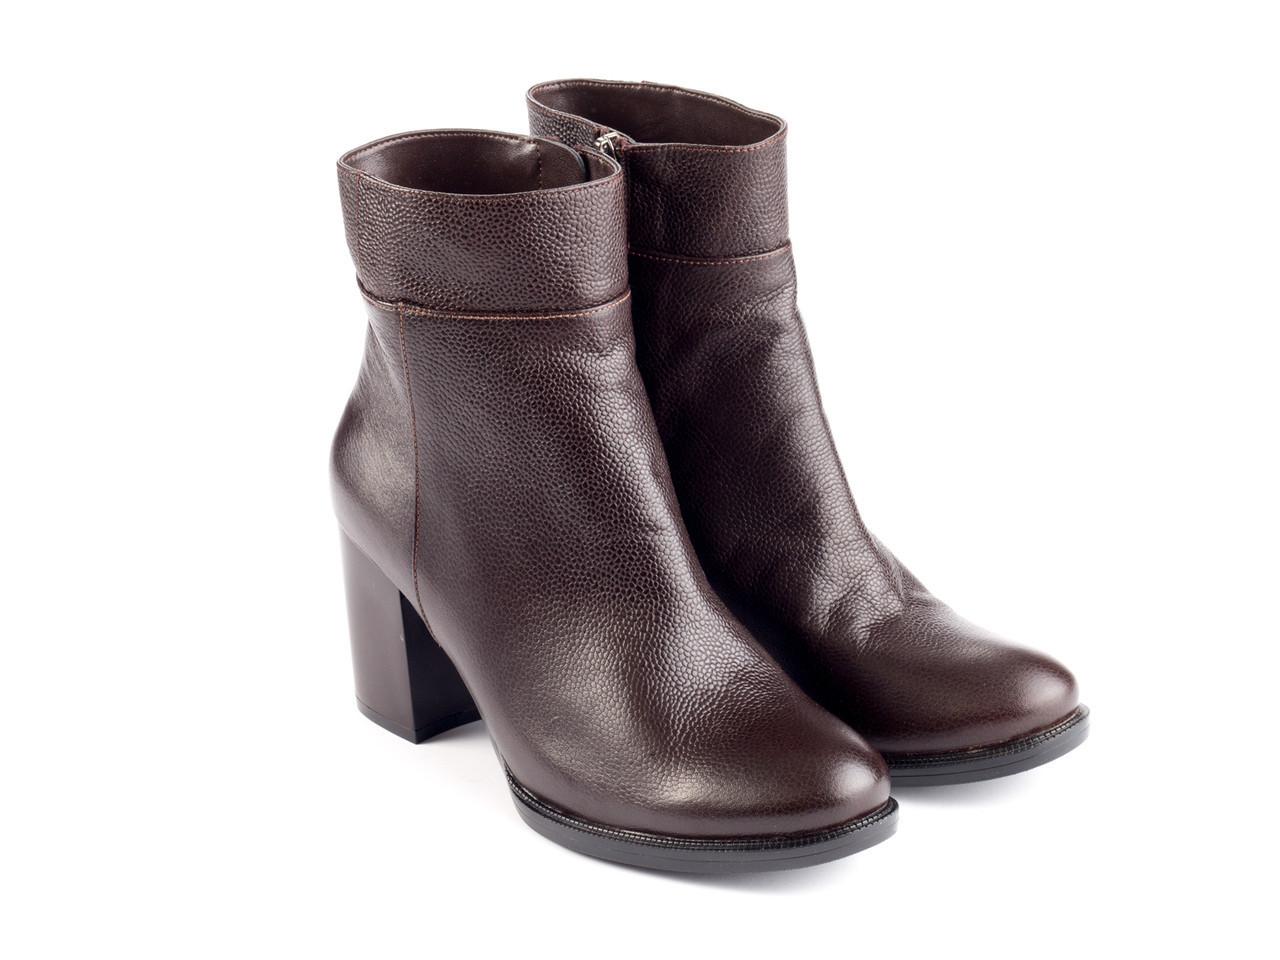 Ботинки Etor 2861-011-7042 37 коричневые